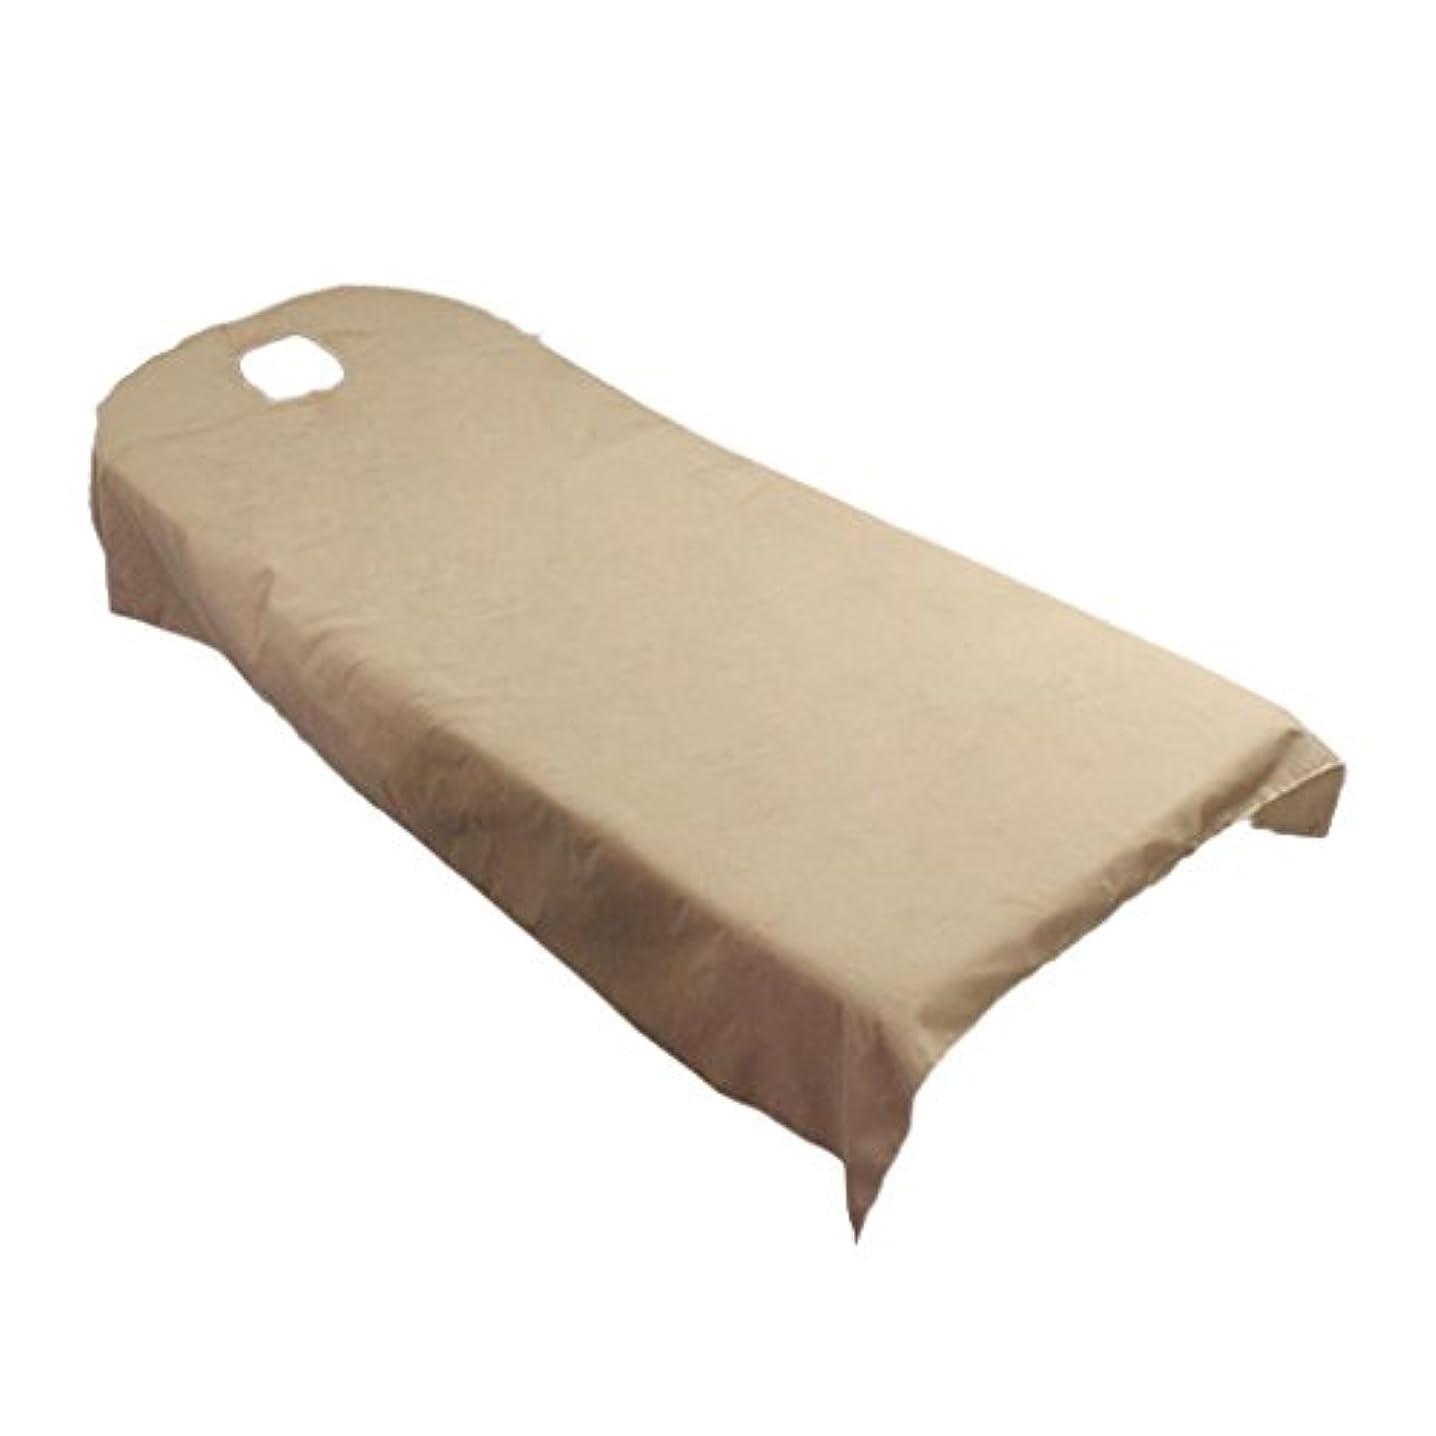 項目中傷塊タオル地 ベッドカバー ソファーカバー シート 面部の位置 ホール付き 美容/マッサージ/SPA 用 9色選べる - キャメル